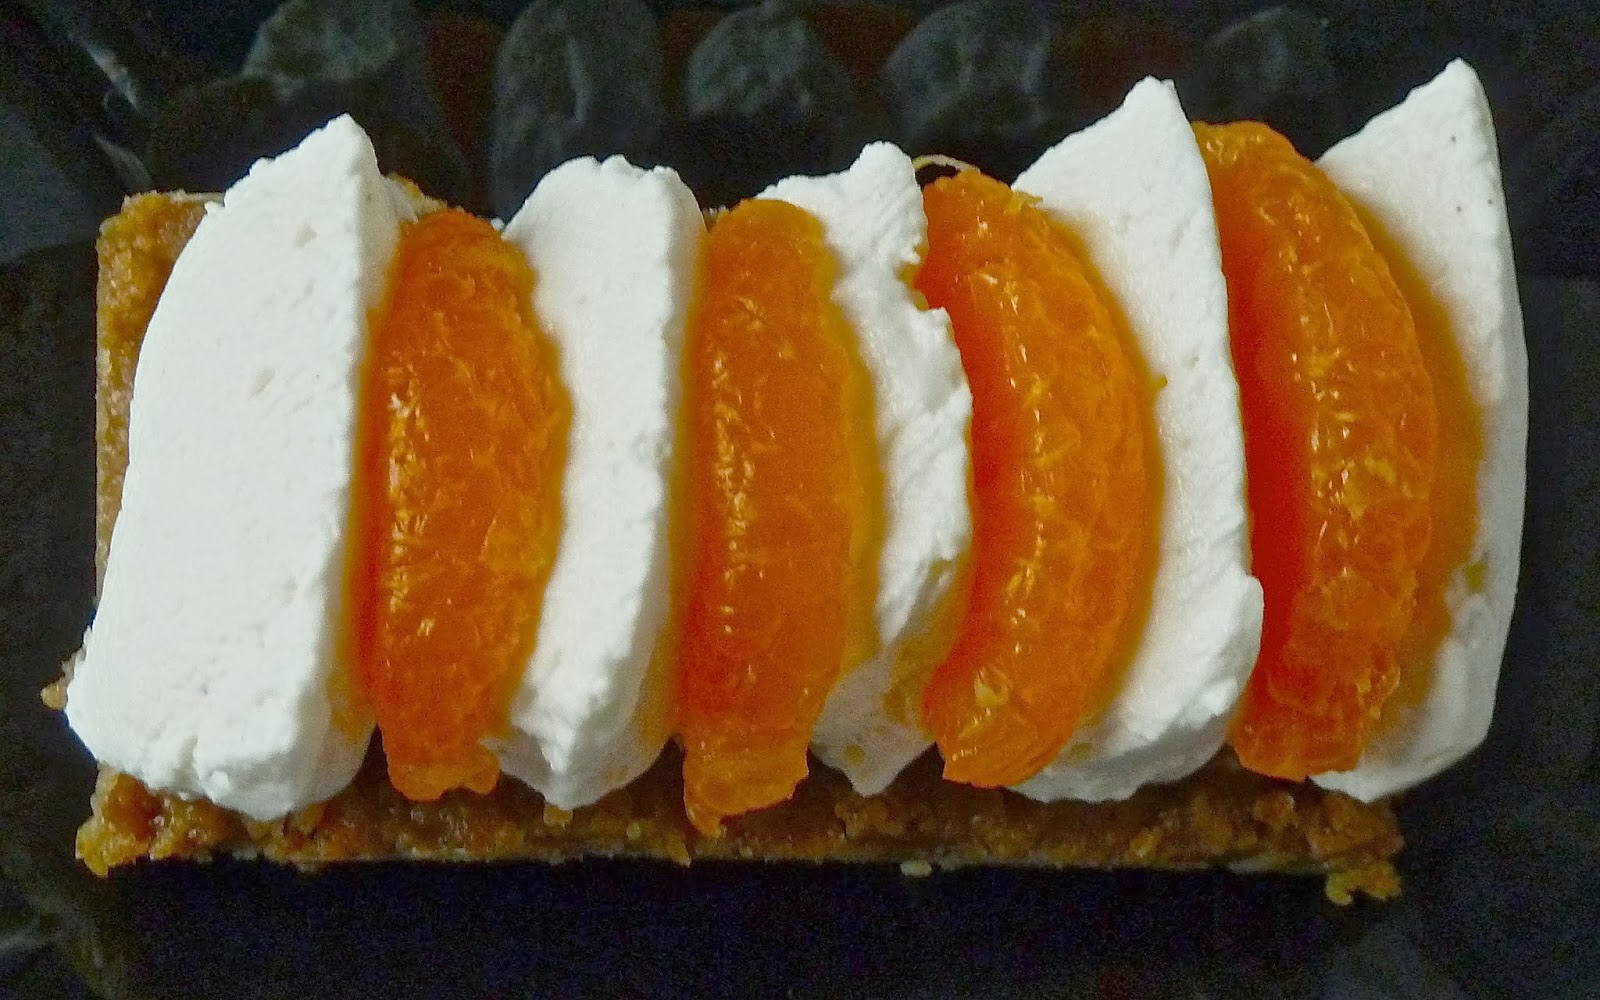 Past lite crujiente de speculoos con crema de vainilla y - Postre con mandarinas ...